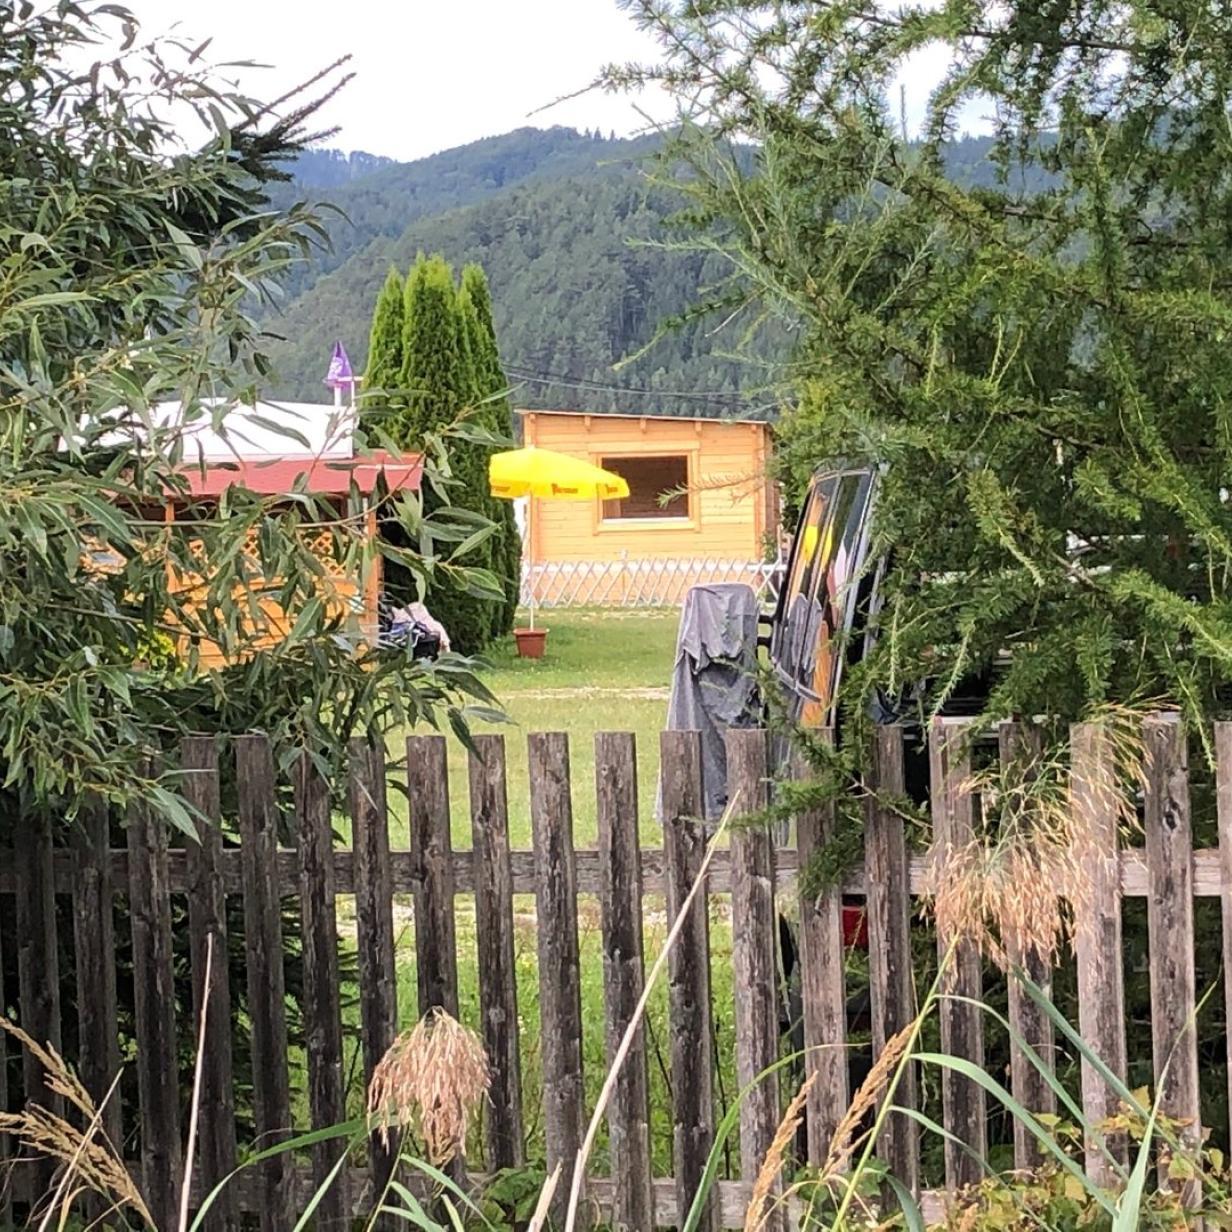 Nach Leichenfund auf Campingplatz in NÖ: Ehefrau wird befragt